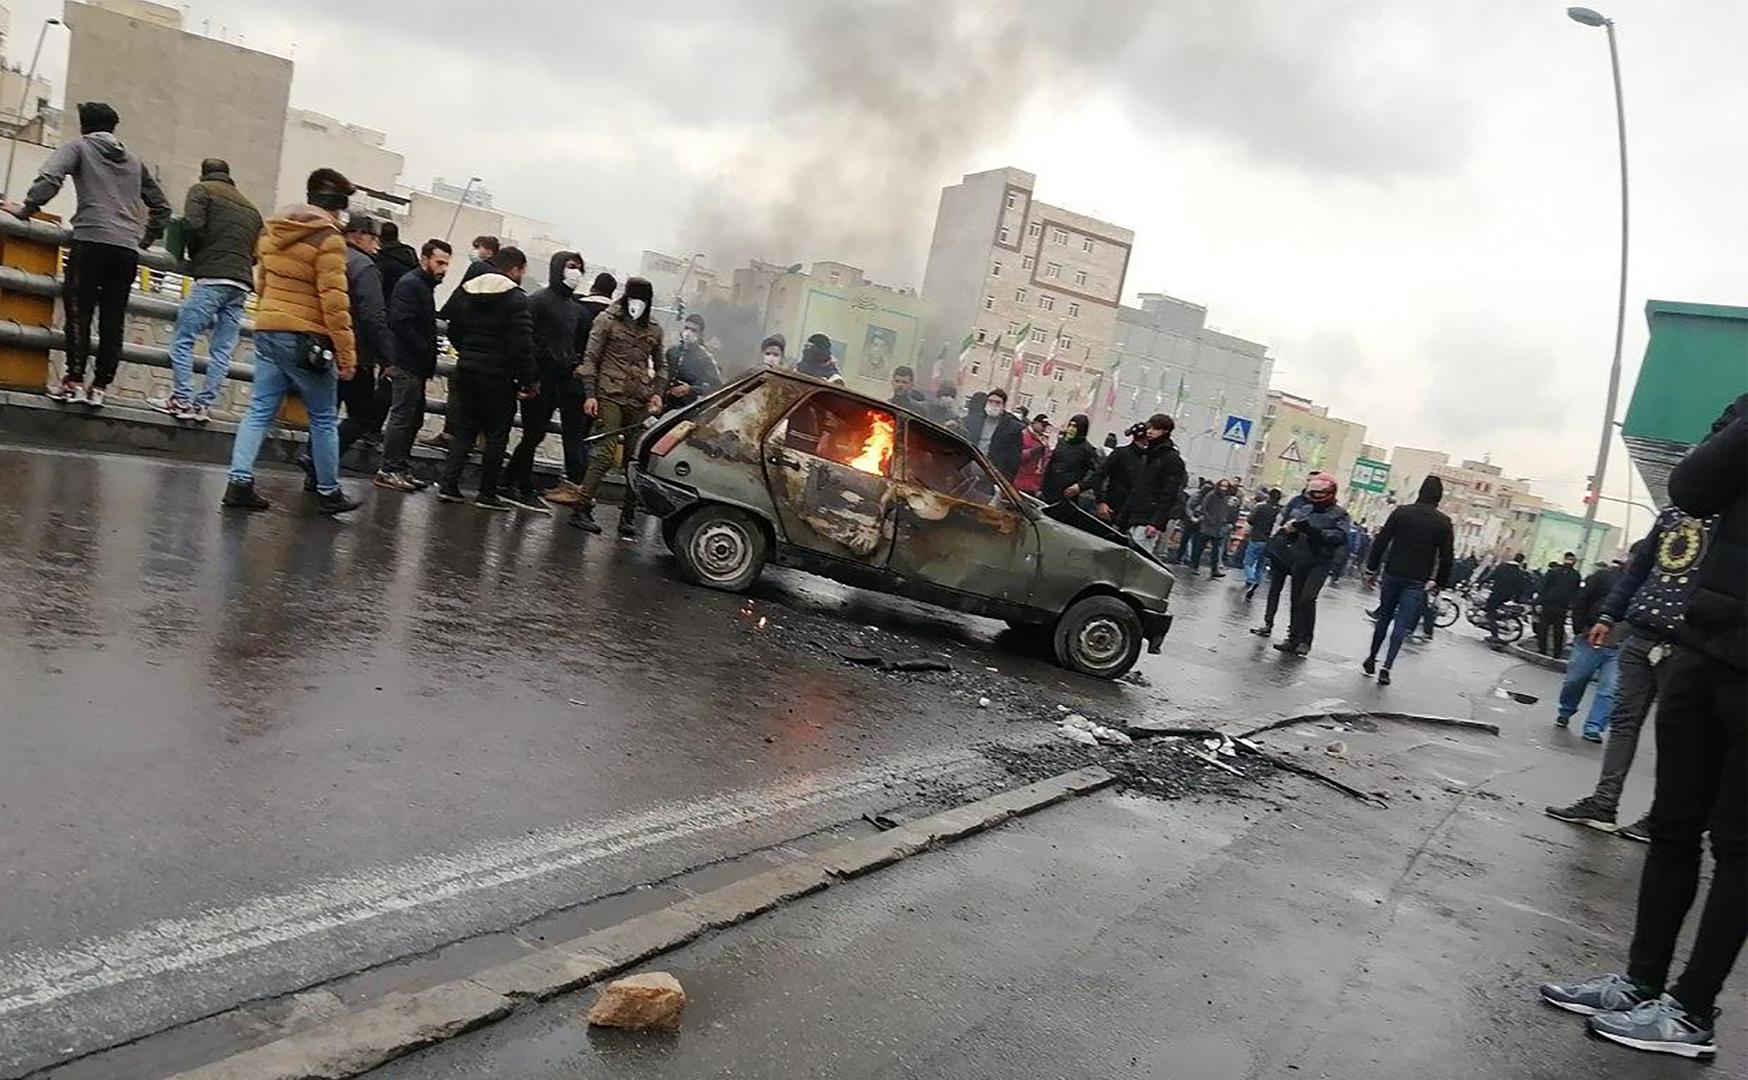 جانب من الاحتجاجات ضد رفع أشعار النبزين التي شهدتها إيران في نوفمبر الماضي